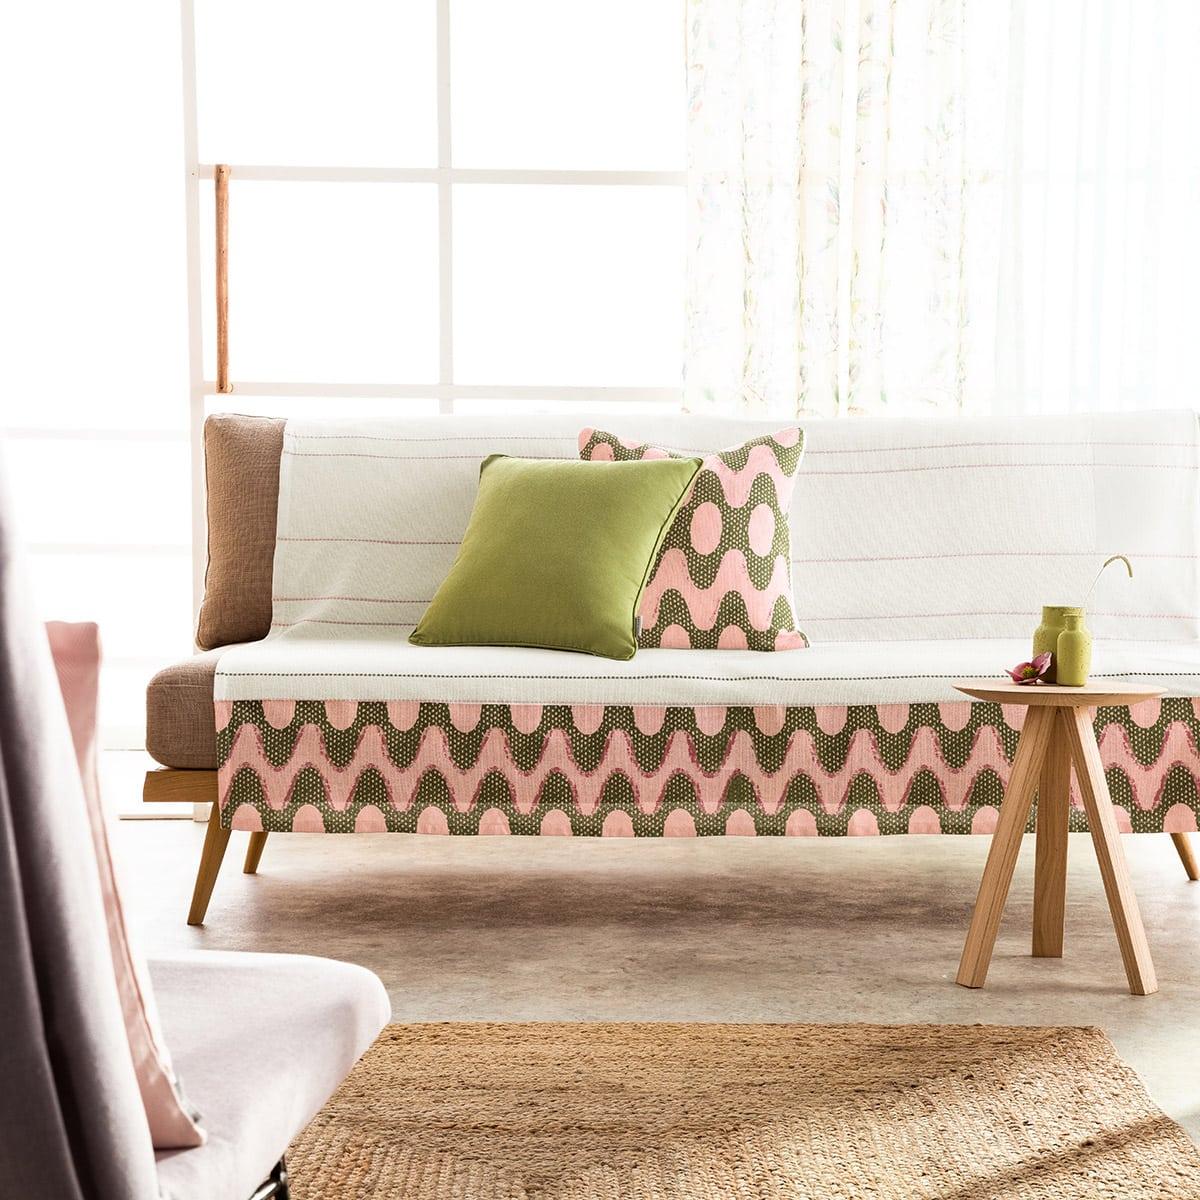 Ριχτάρι Dizzy 659 Somon-Green Gofis Home Πολυθρόνα 180x180cm